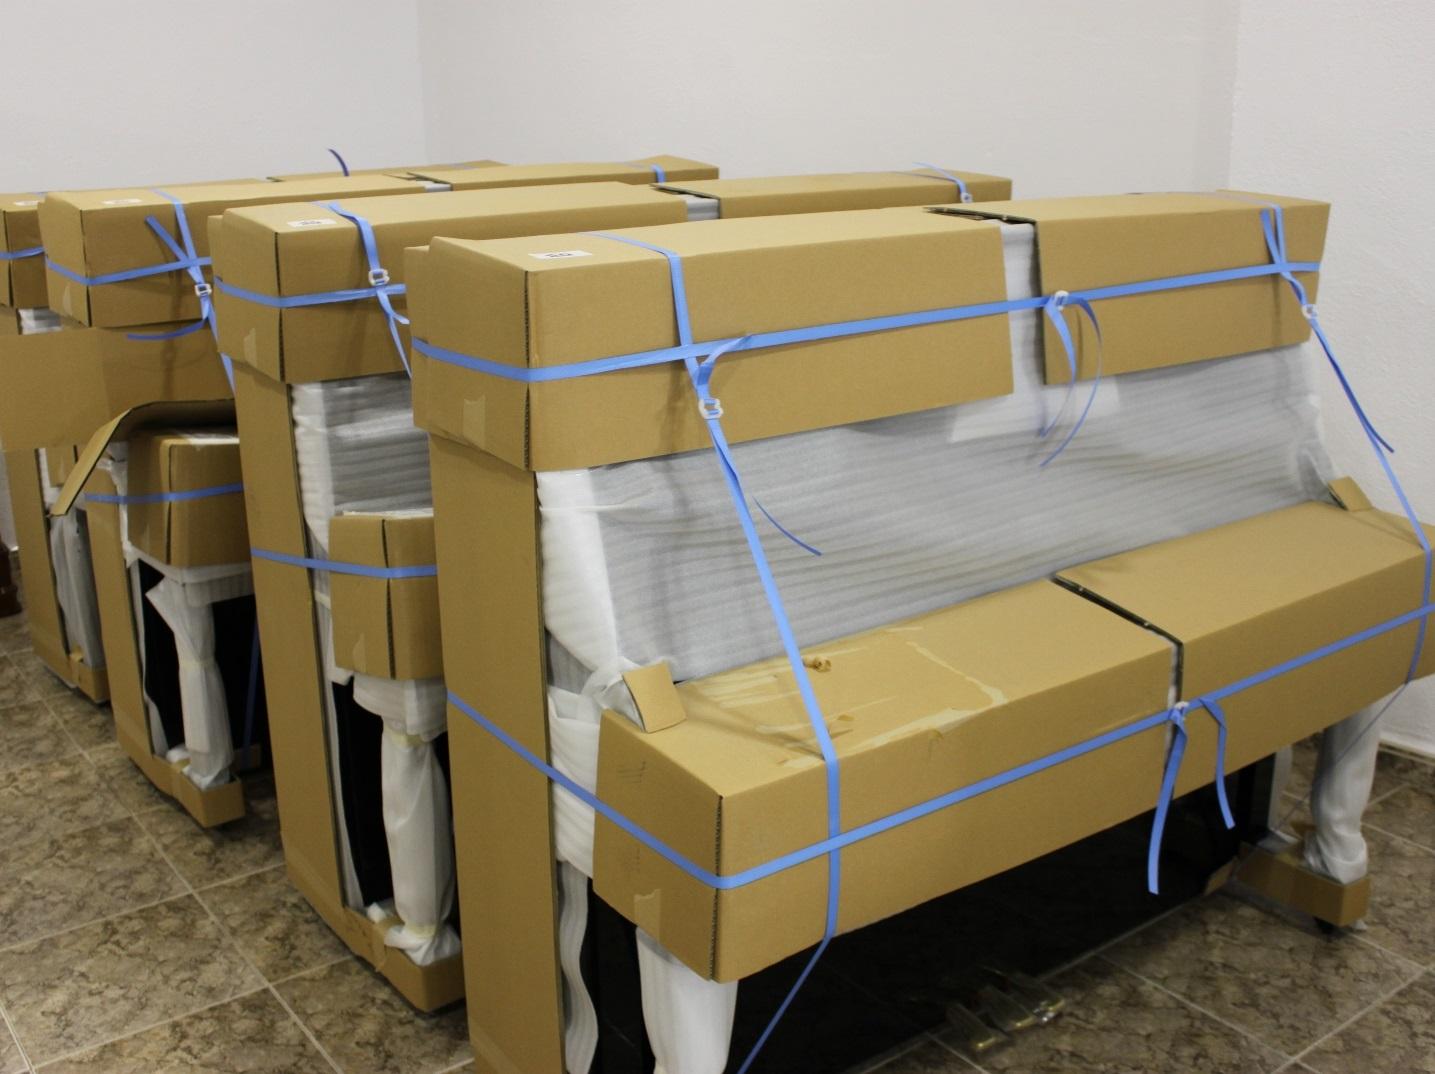 Llegada de 32 pianos renovados Yamaha a nuestro almacén.